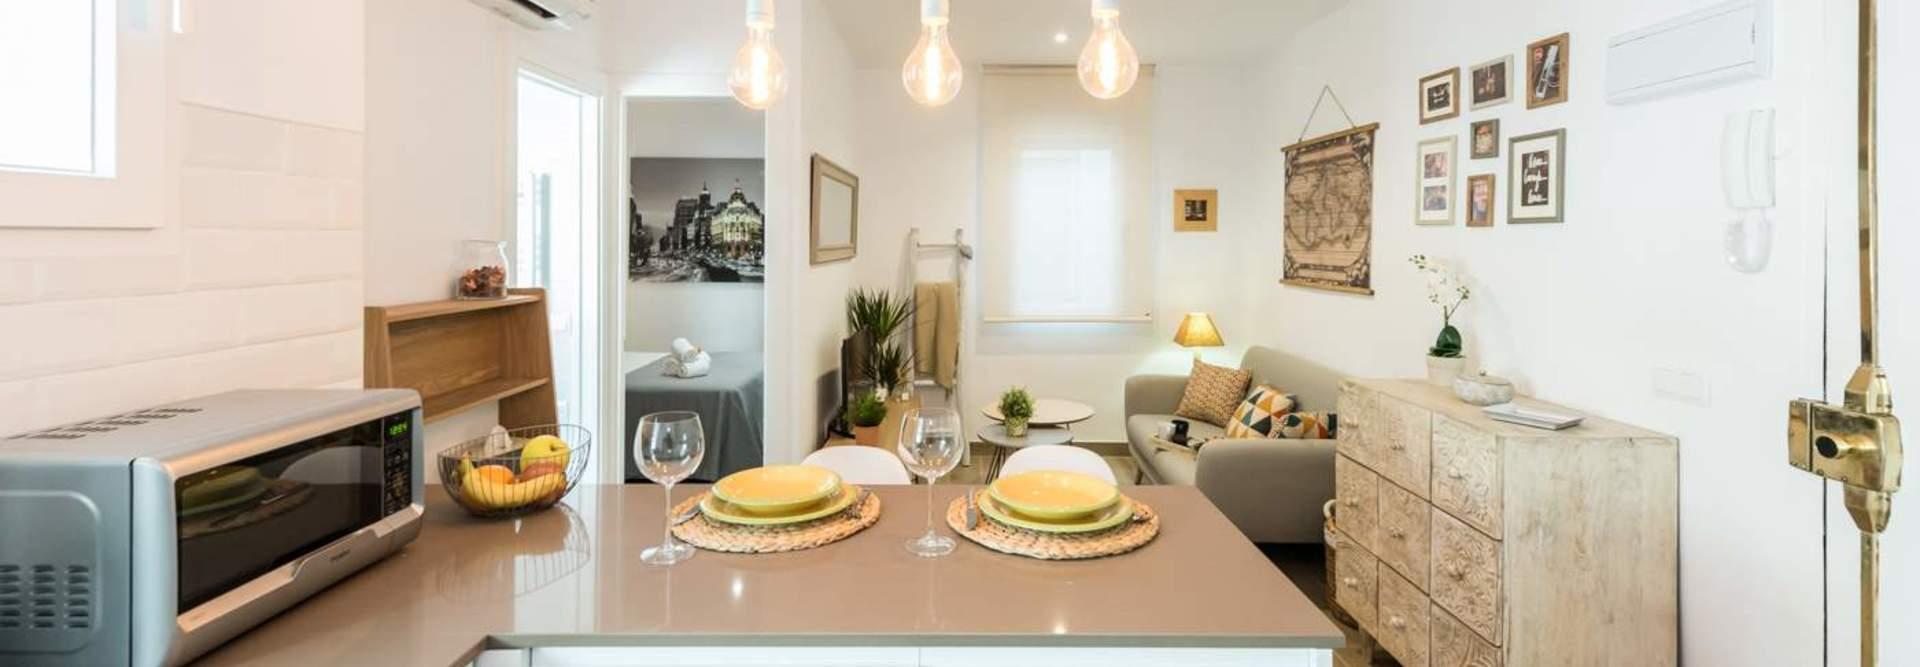 Listings of houses and flats for rent from 395 euros. Alquiler de apartamentos por días Madrid centro.